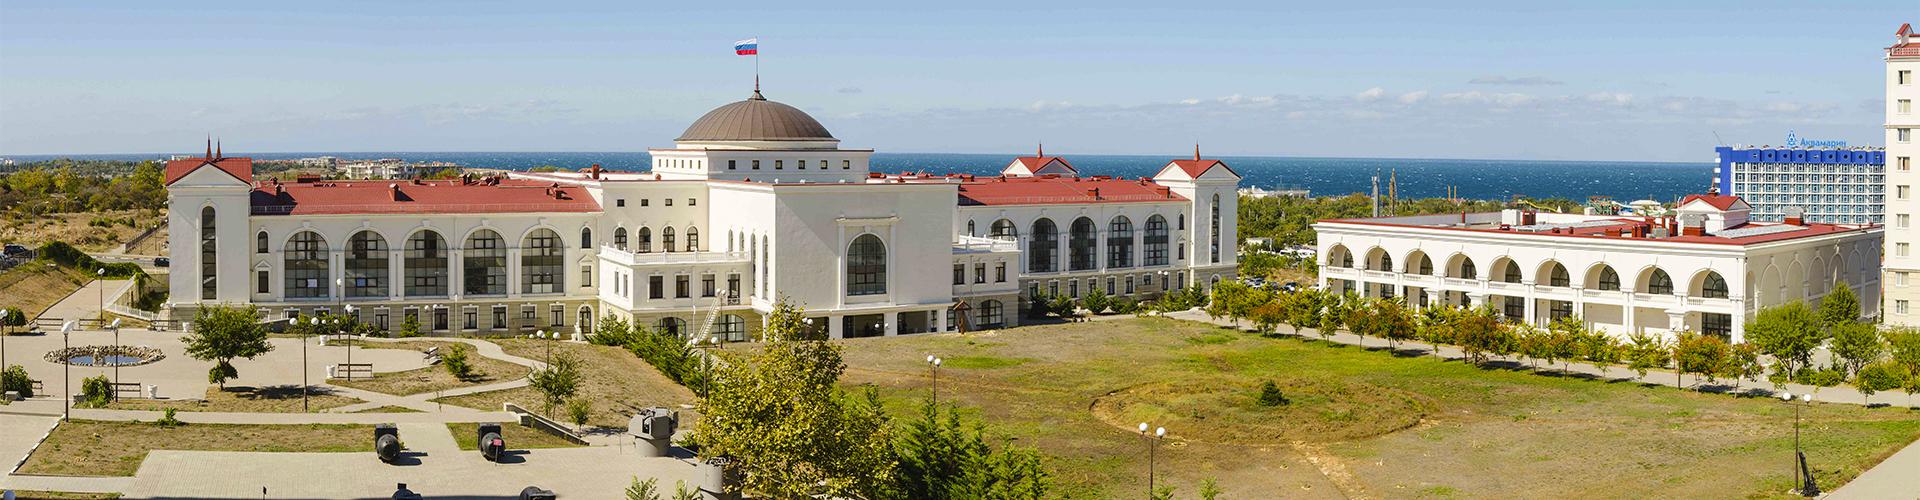 Вид из гостиницы на главную 2